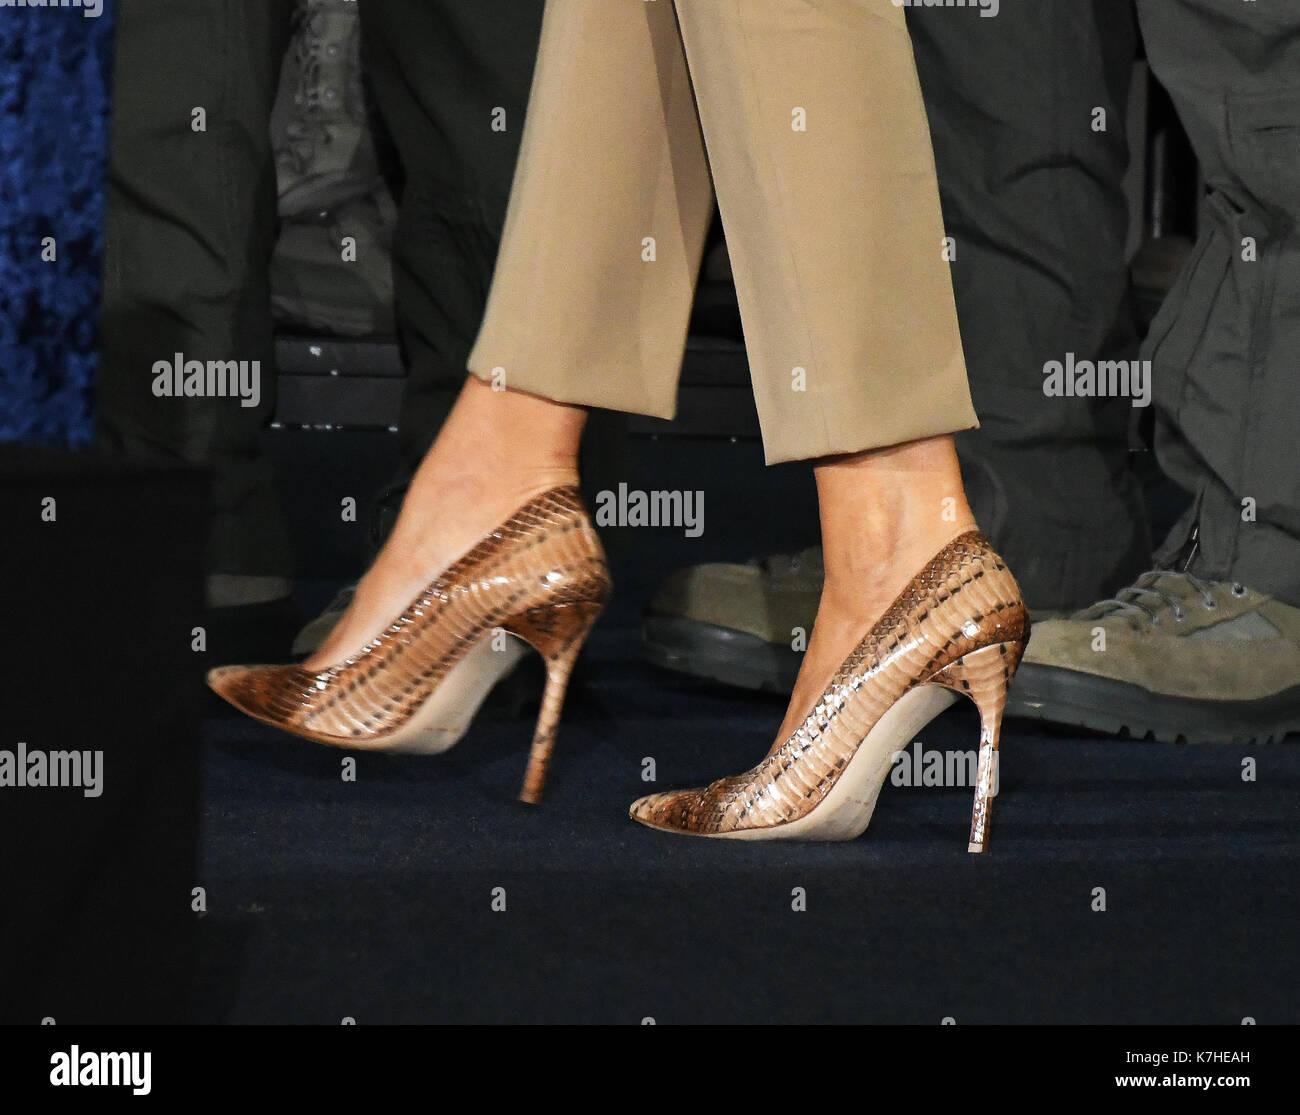 primer-plano-de-los-zapatos-usados-por-la-primera-dama-melania-trump-cuando-ella-y-el-presidente-estadounidense-donald-j-trump-se-marchan-despues-de-que-entrego-sus-comentarios-al-personal-militar-y-a-las-familias-en-un-percha-en-la-base-conjunta-andrews-en-maryland-el-viernes-15-de-septiembre-de-2017-visito-la-jba-para-conmemorar-el-70-aniversario-de-la-fuerza-aerea-de-los-estados-unidos-credito-ron-sachs-cnp-k7heah.jpg